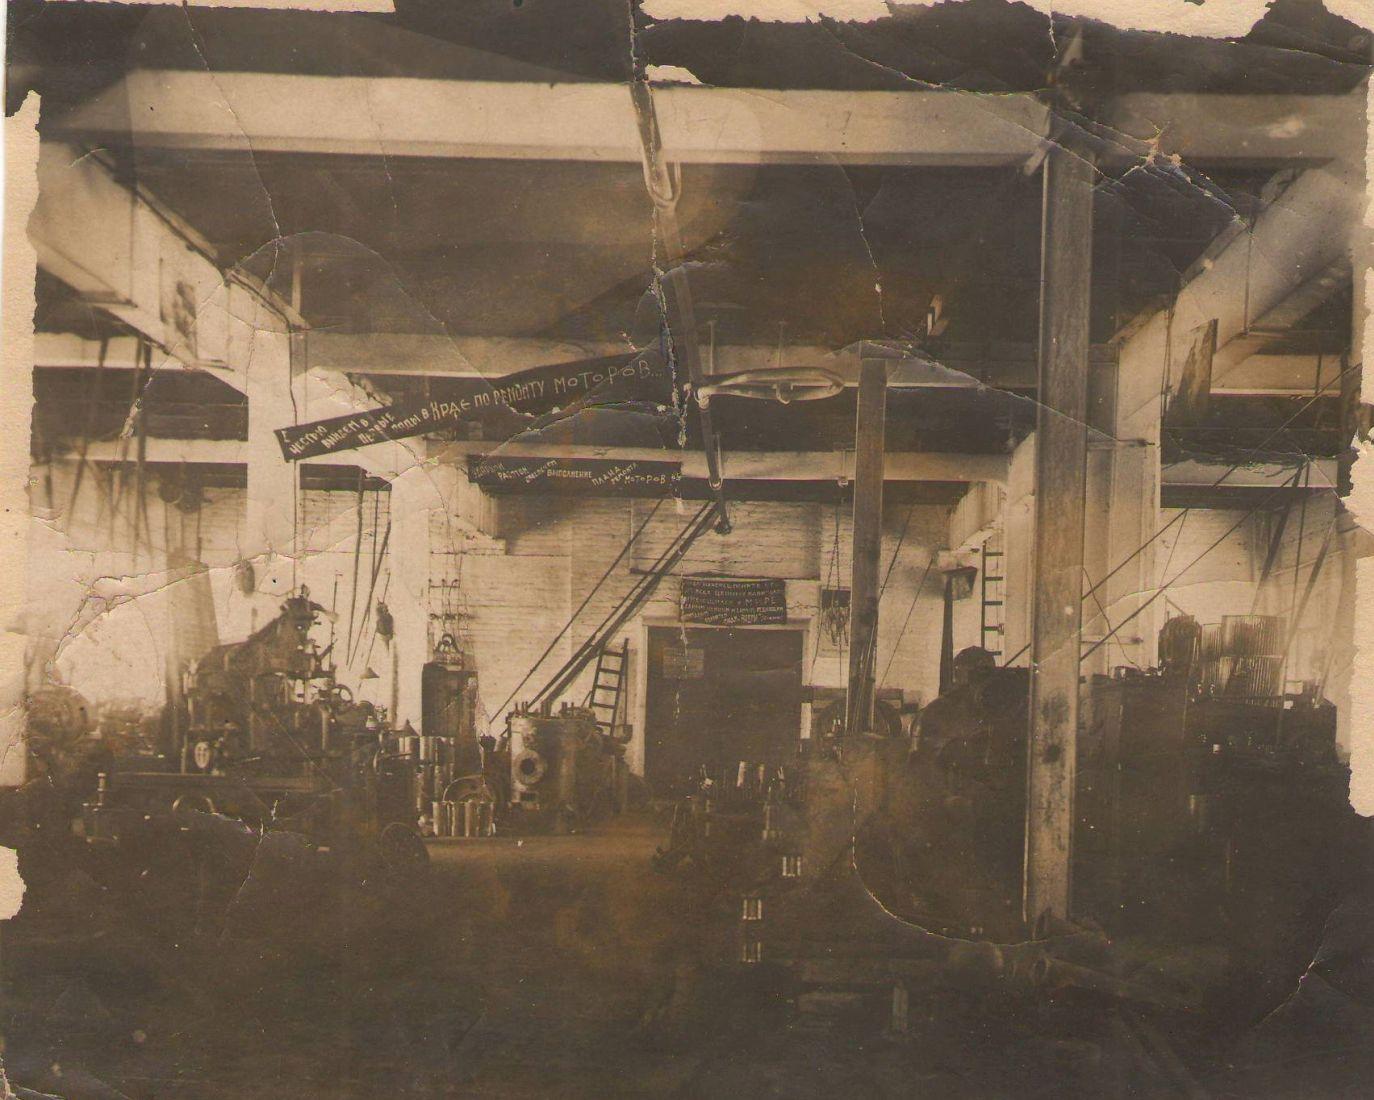 Механический цех мотороремонтного завода, где в годы войны изготавливали снаряды